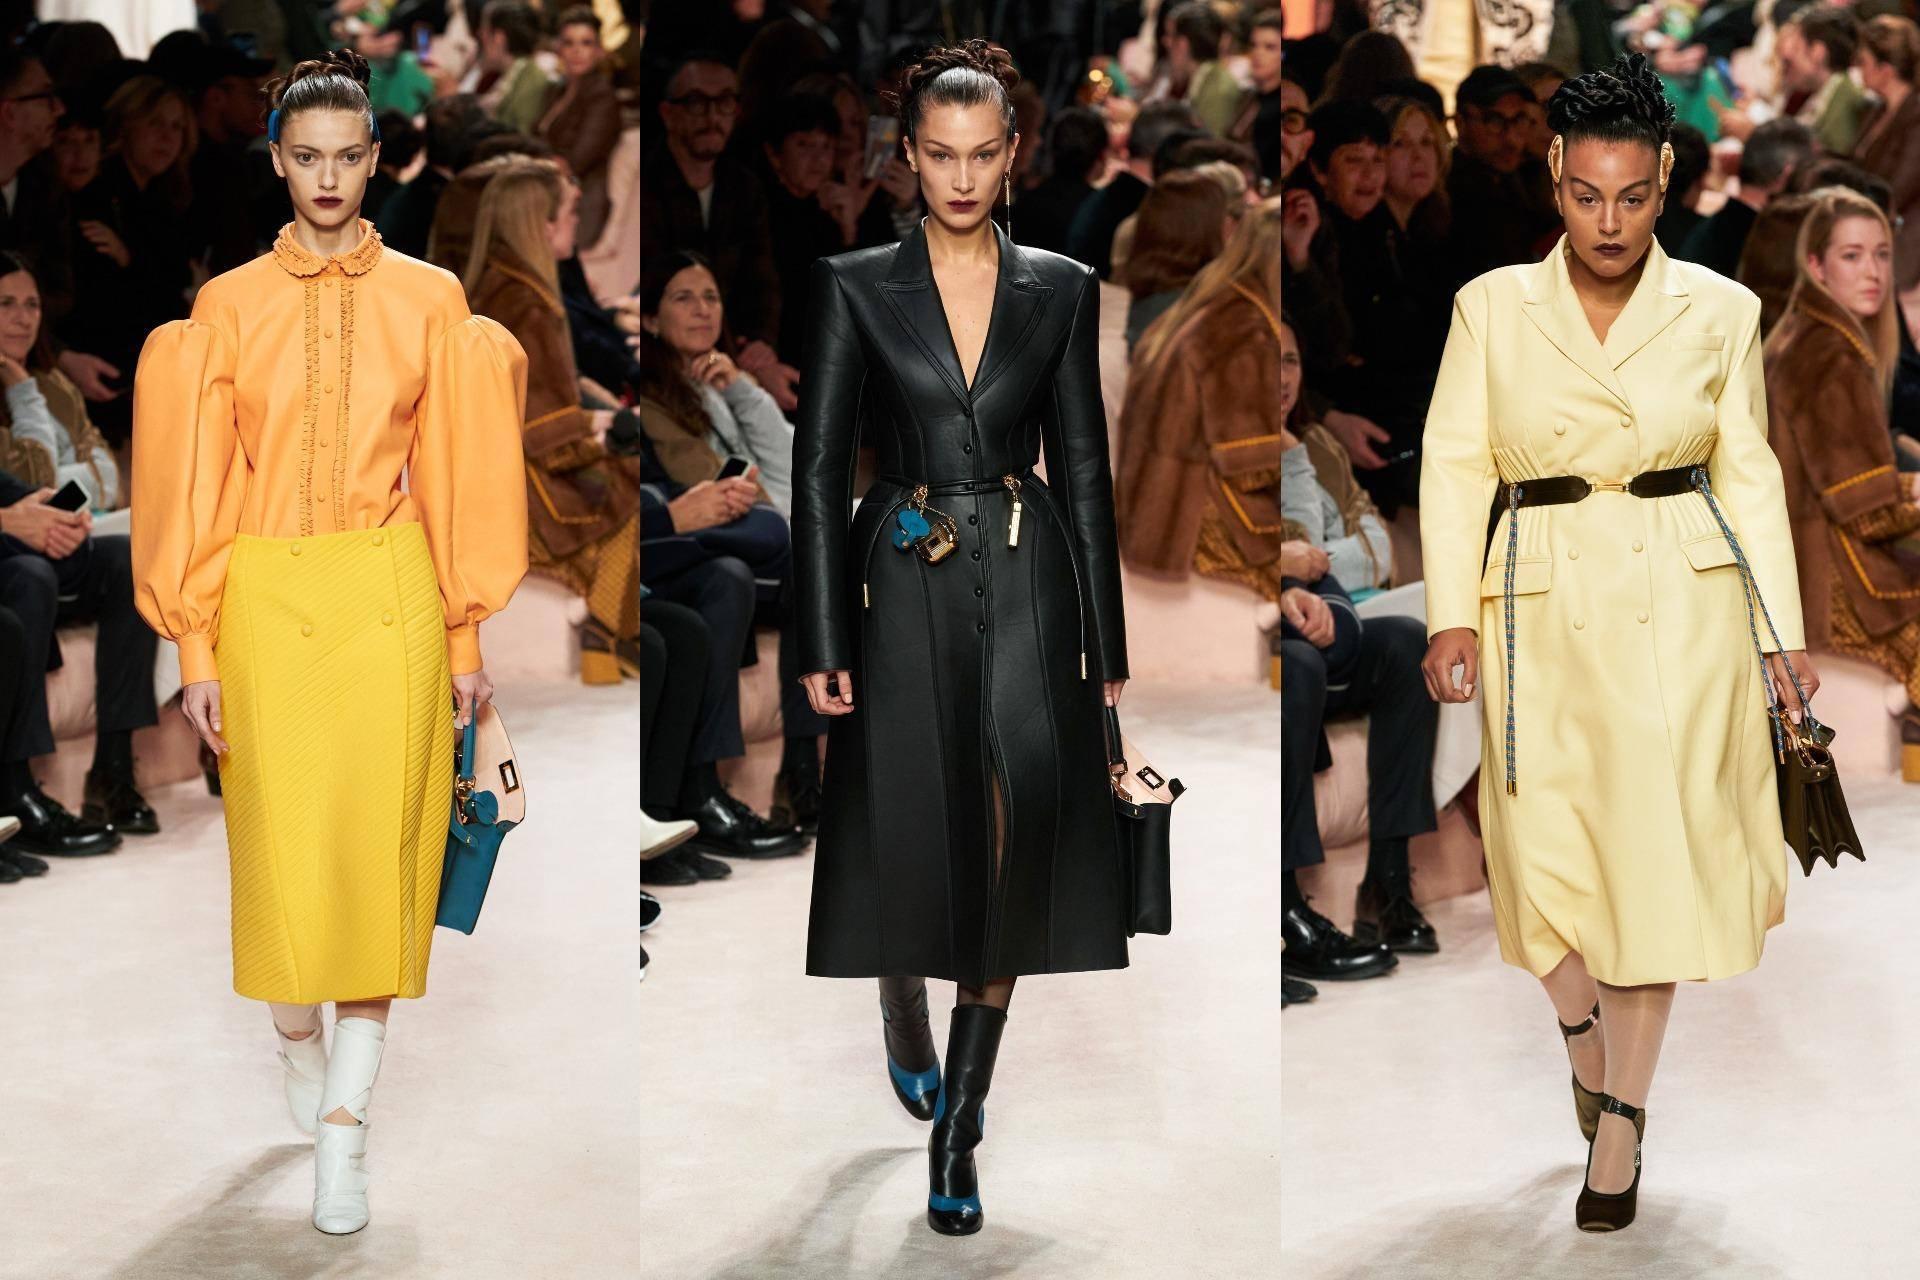 发现Fendi Dior等品牌纷纷提出女性主义,是否标志着女性自主时代来了?